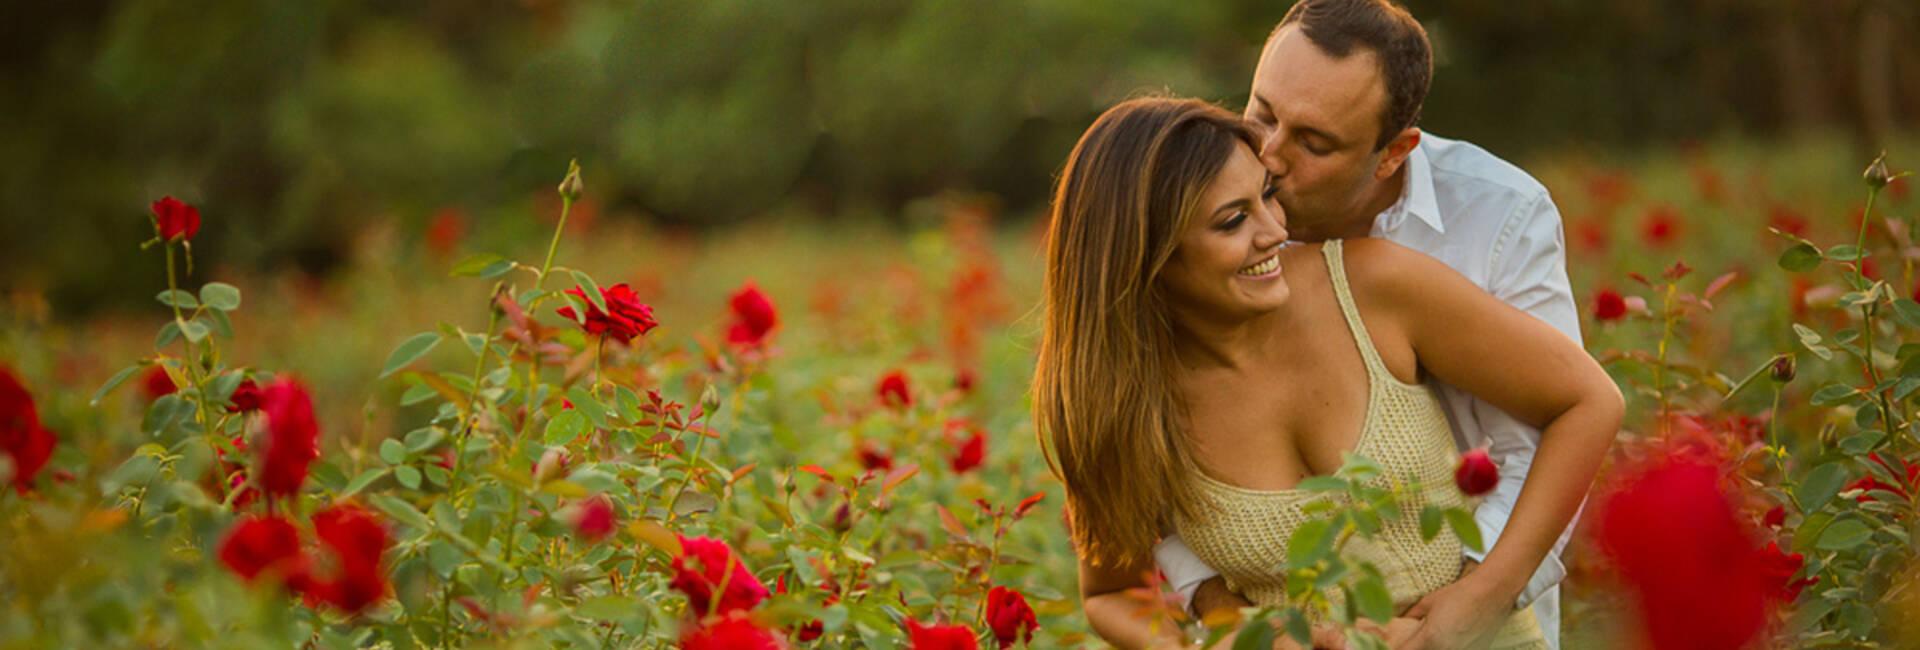 Ensaios de Raquel & Renato